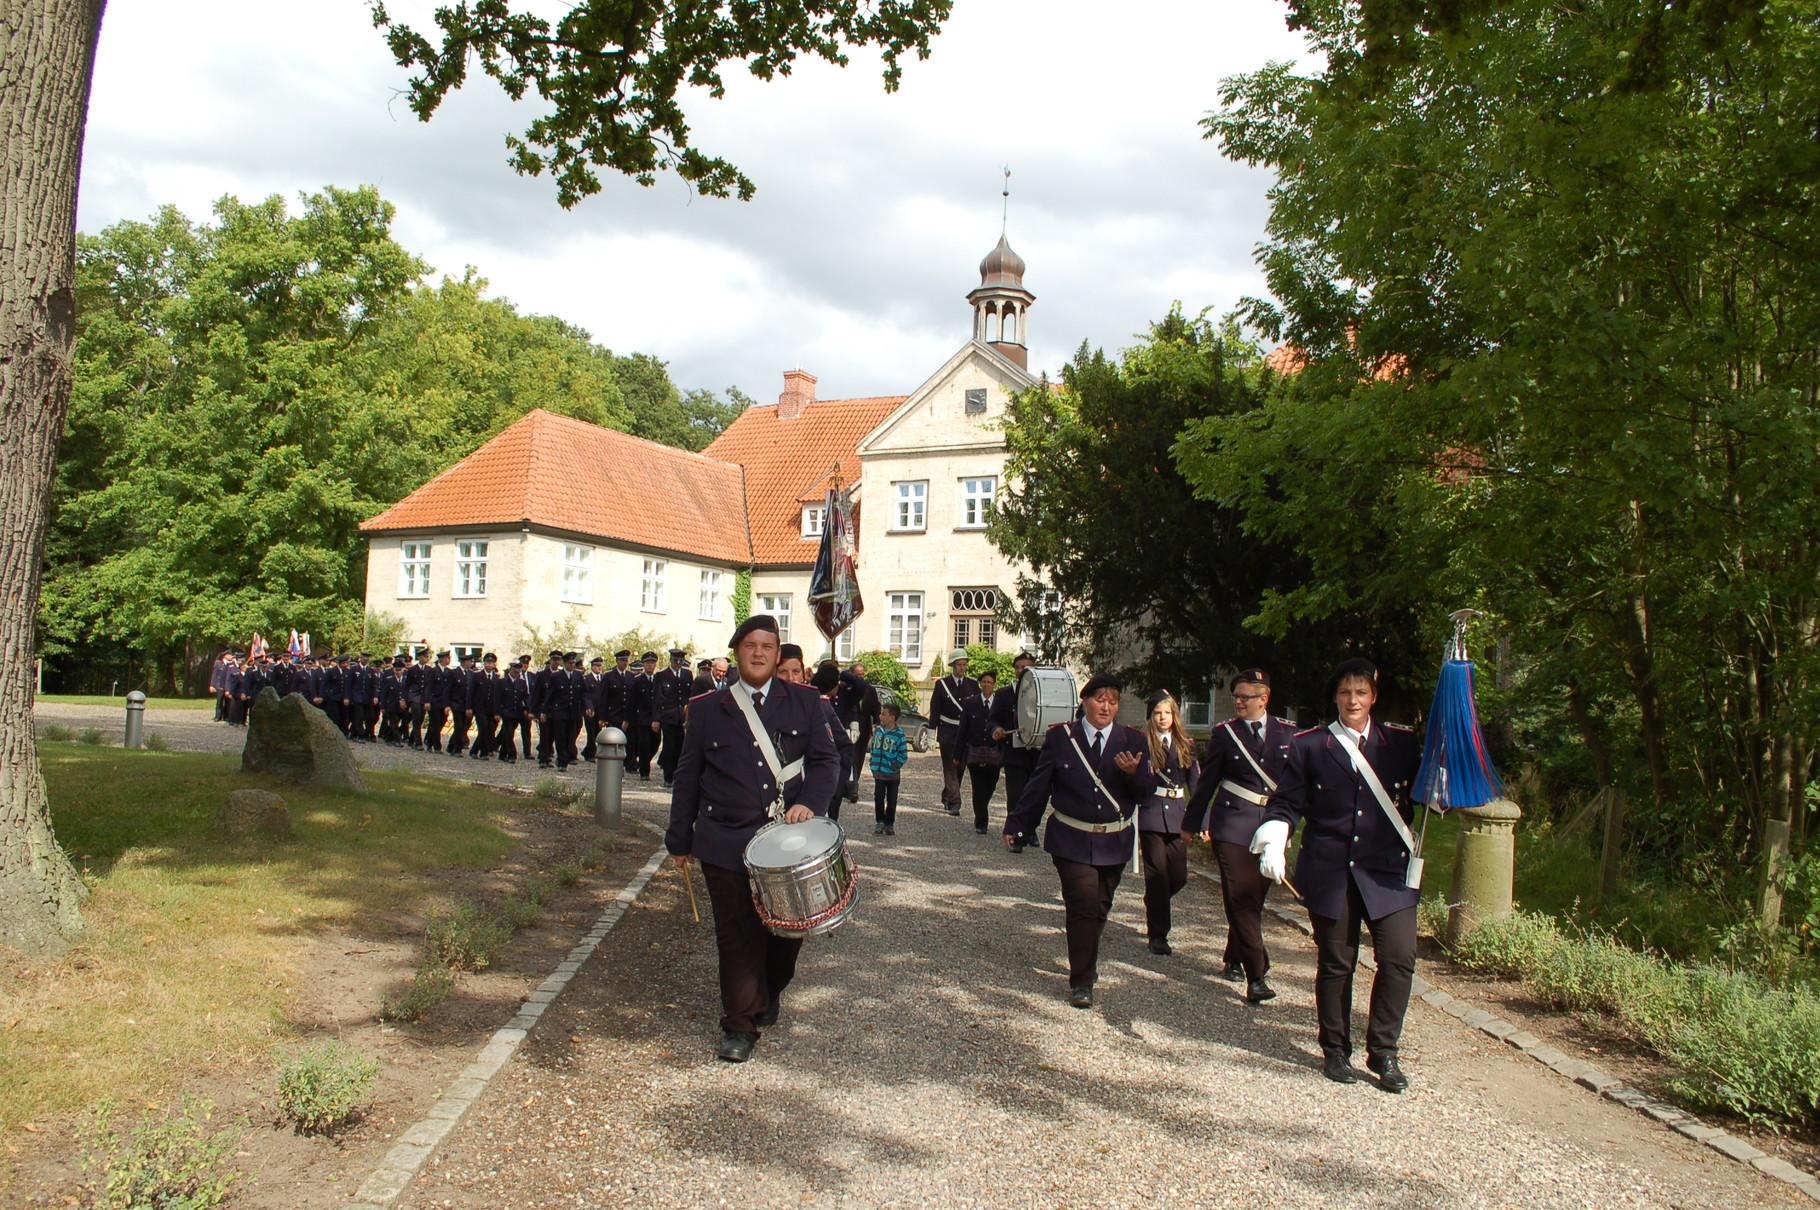 90 Jahre Feuerwehr Rondeshagen, 16.08.2014